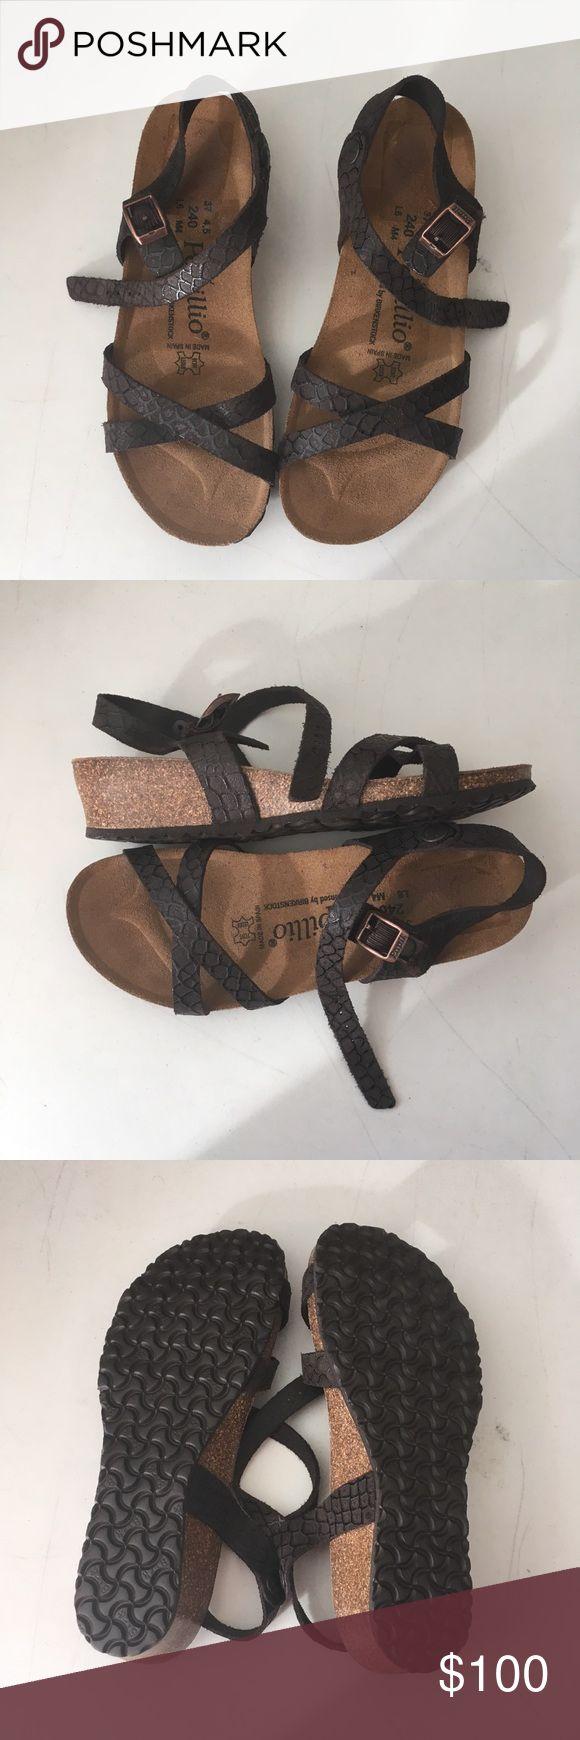 Birkenstock Papillio Alyssa Nemo Size 37 Birkenstock Papillio Alyssa Nemo Size 37 comes with box but no top on box Birkenstock Shoes Sandals